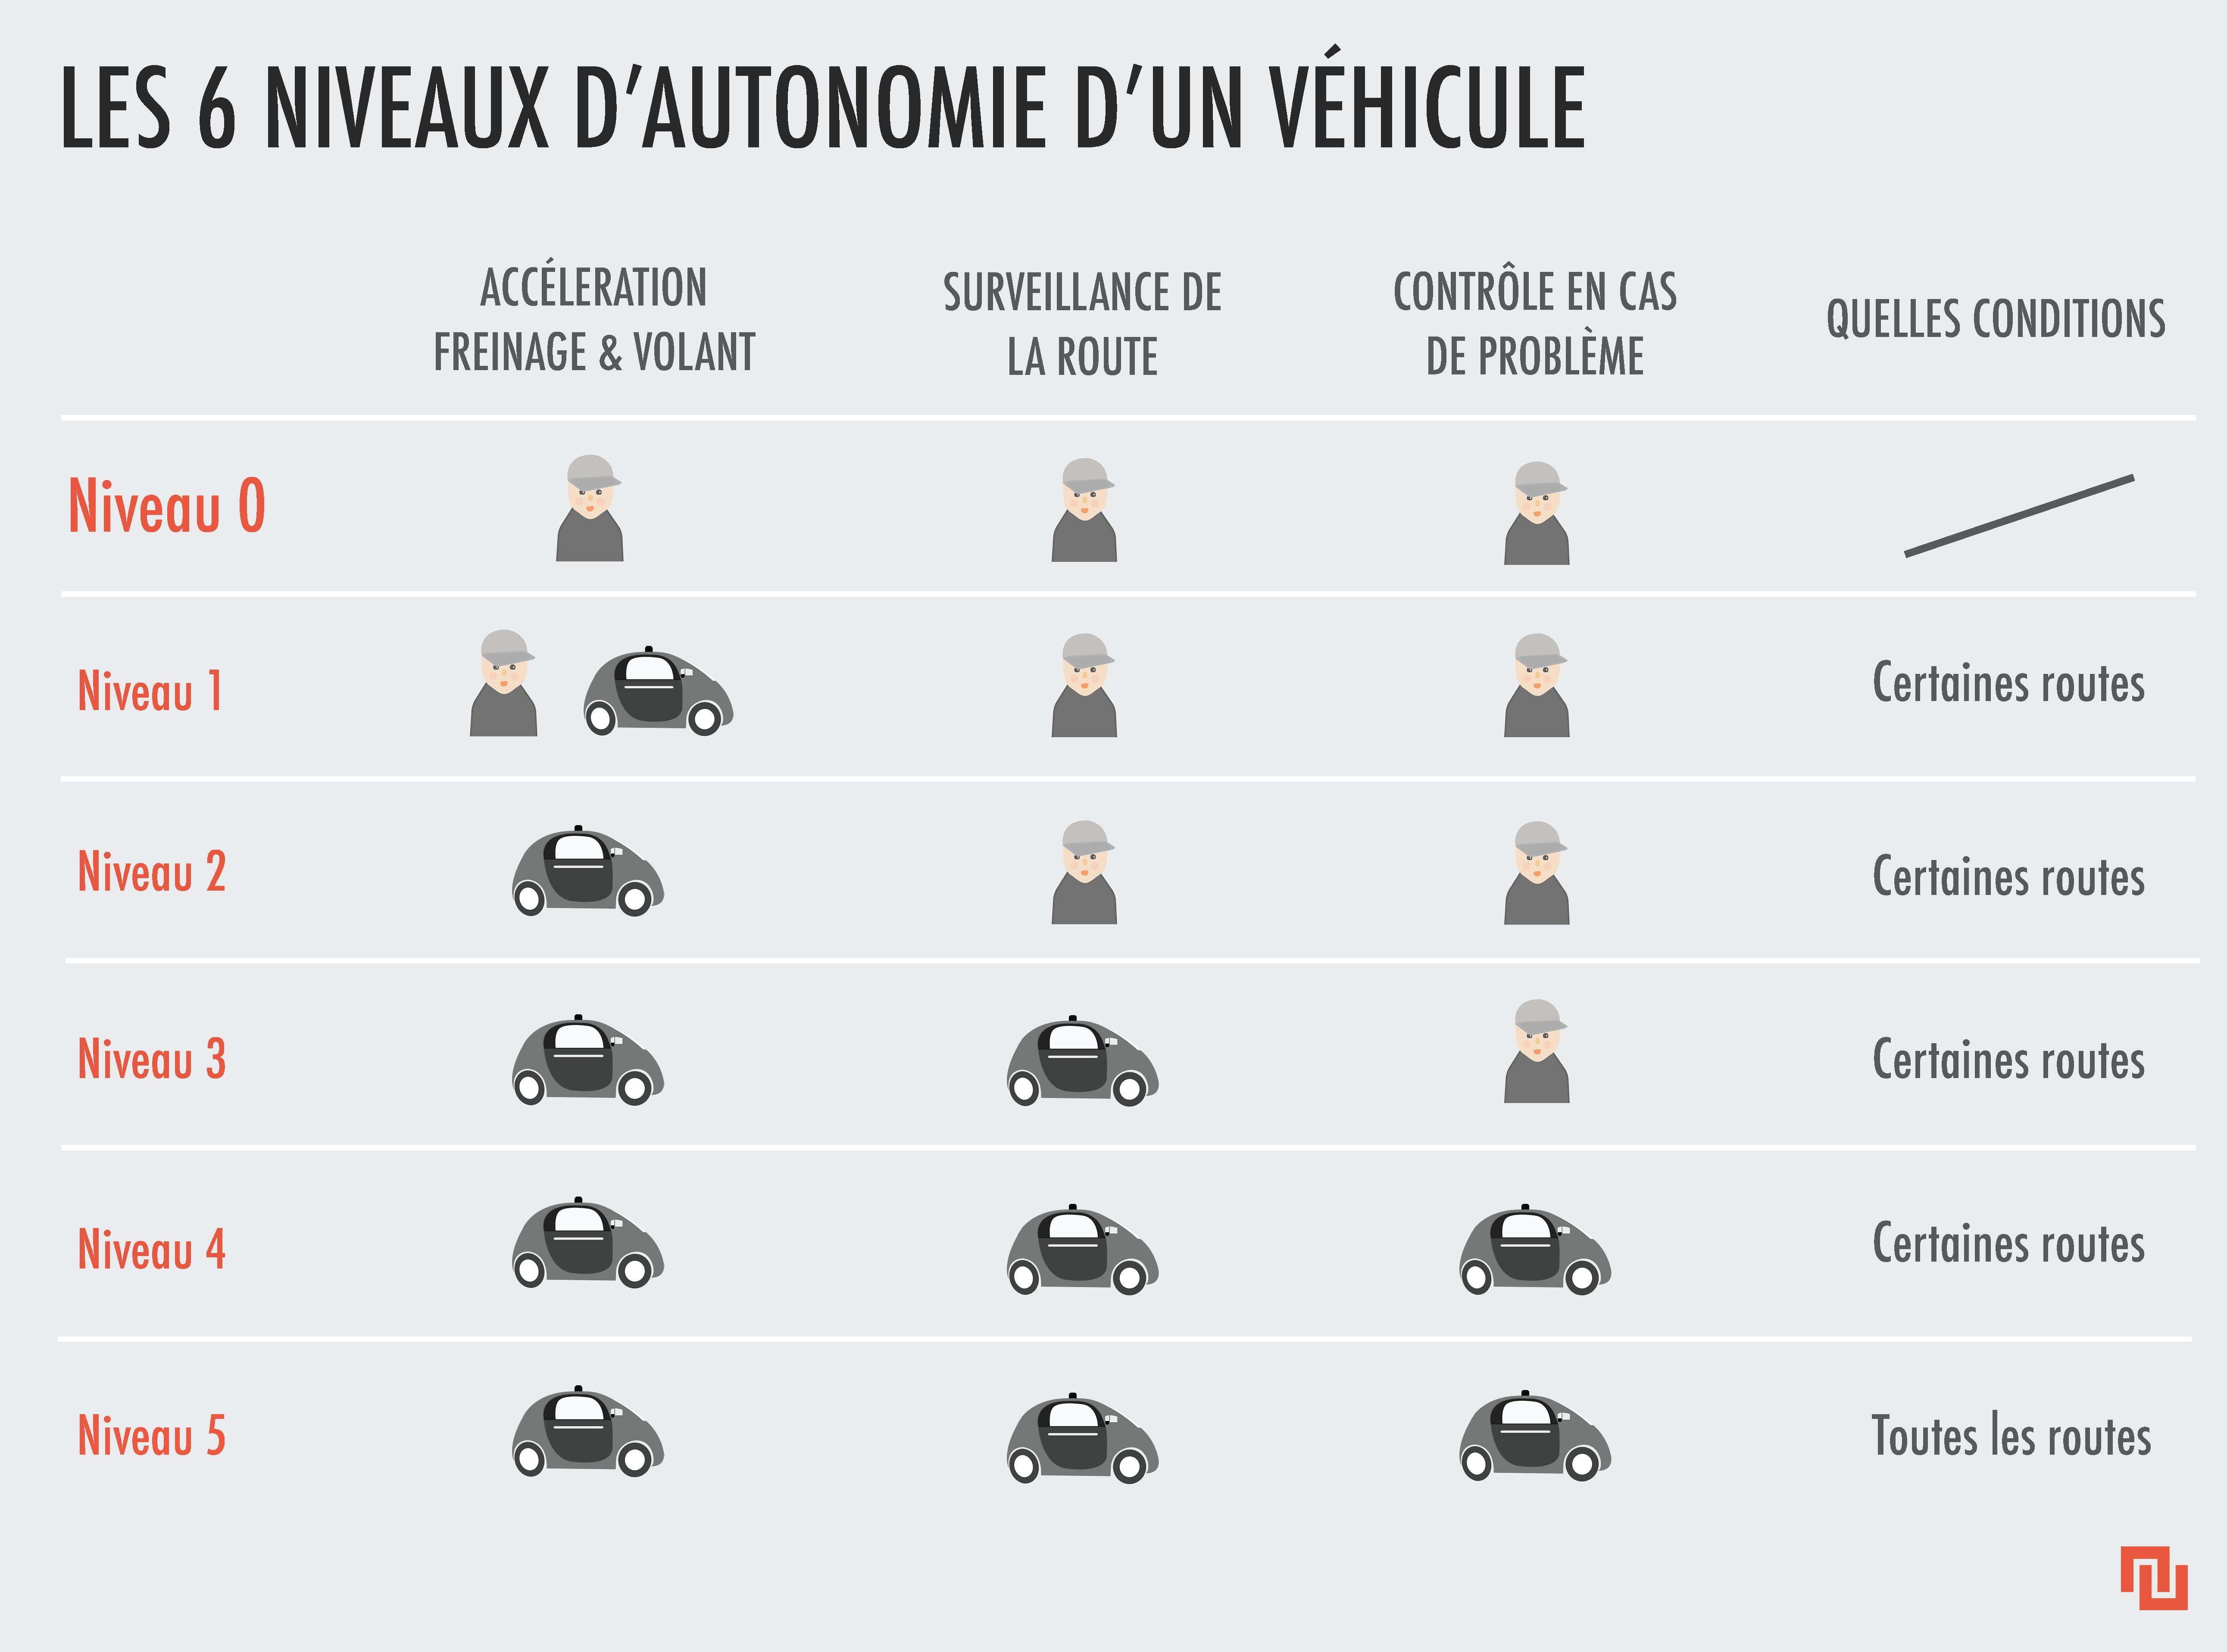 voiture autonome autopilote assistance quelles diff rences entre les niveaux de conduite. Black Bedroom Furniture Sets. Home Design Ideas